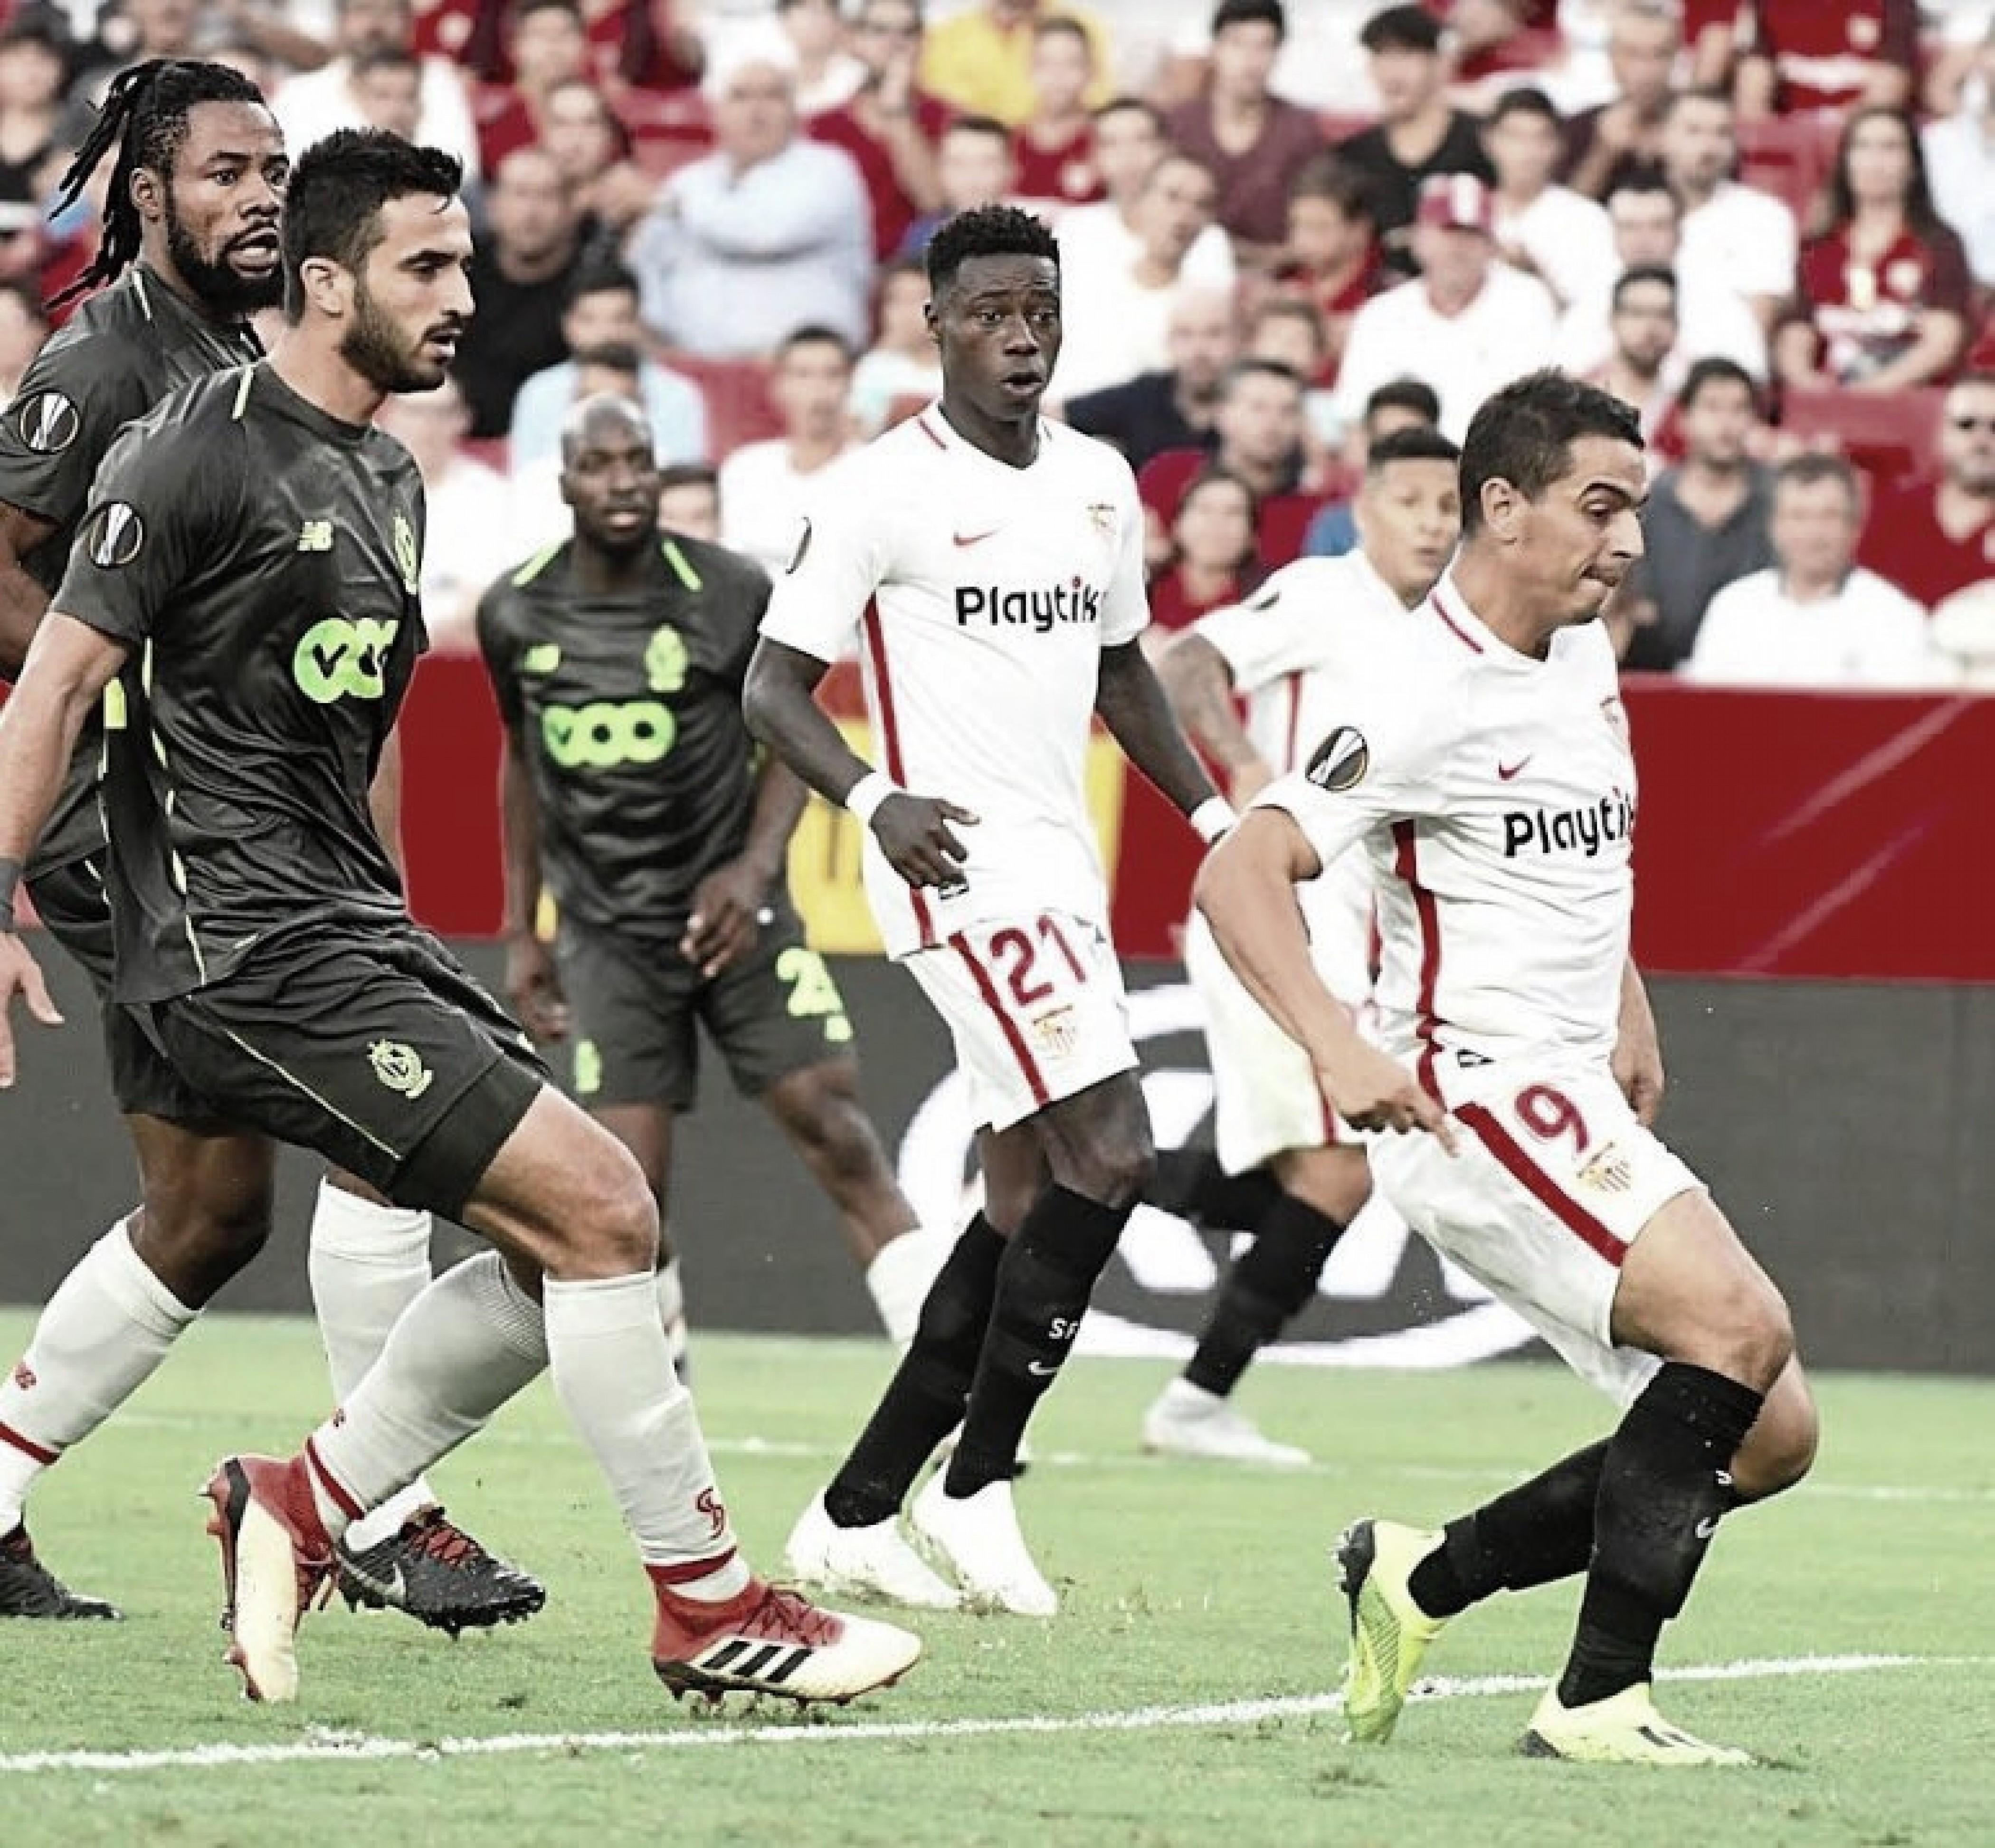 Com pé direto! Sevilla vence Standard Liège com goleada na estreia da Europa League